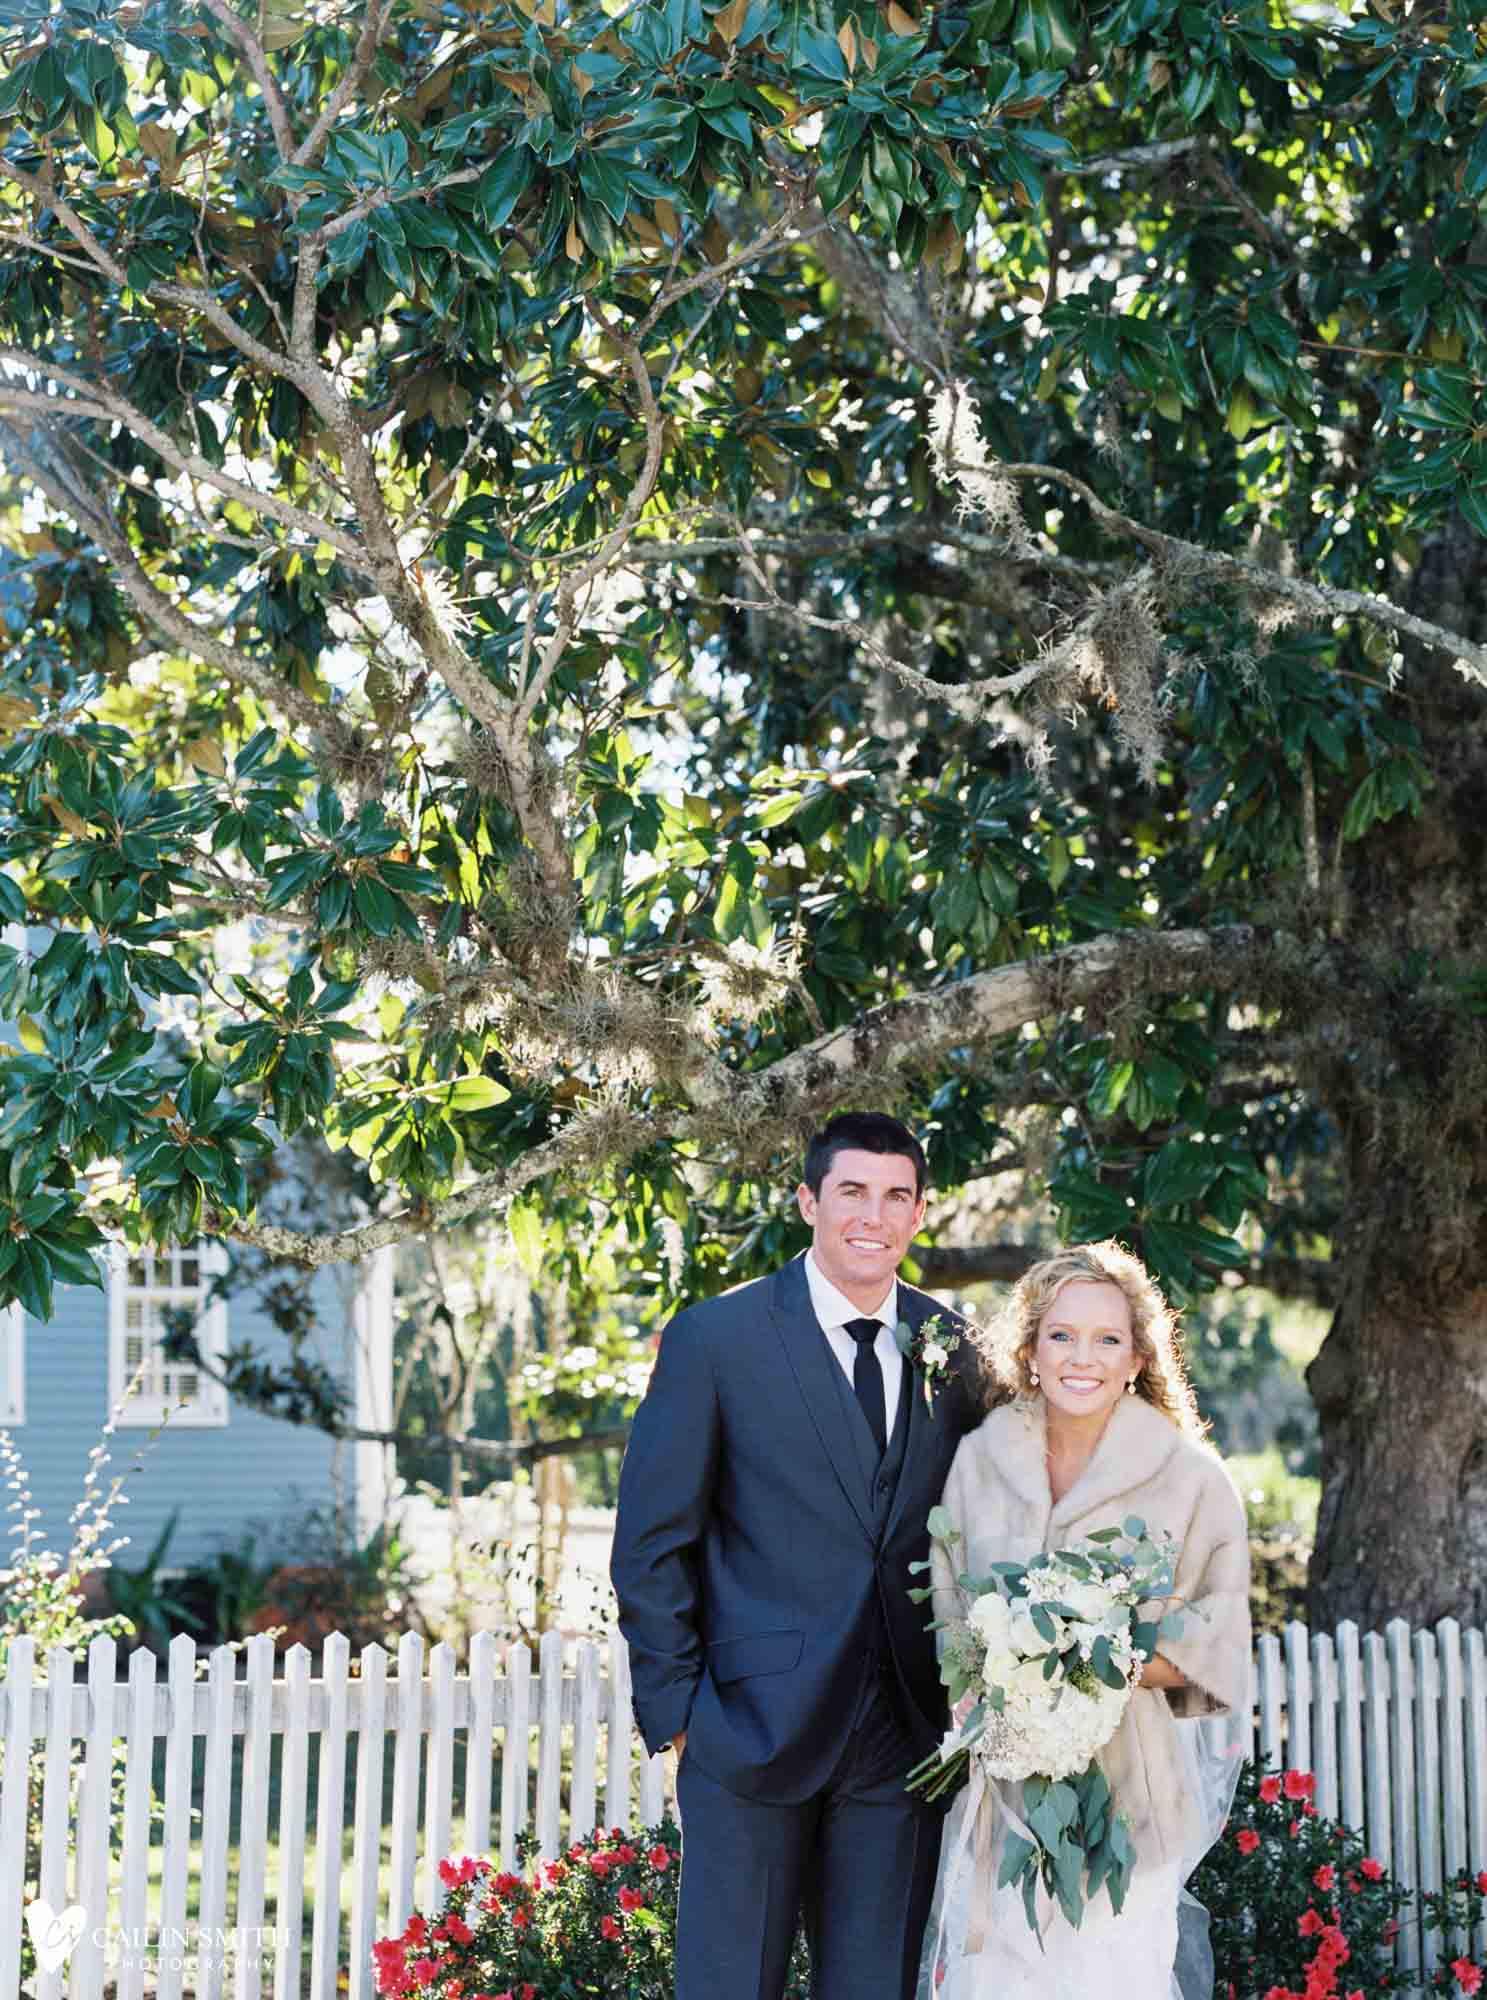 Leah_Major_St_Marys_Wedding_Photography_065.jpg